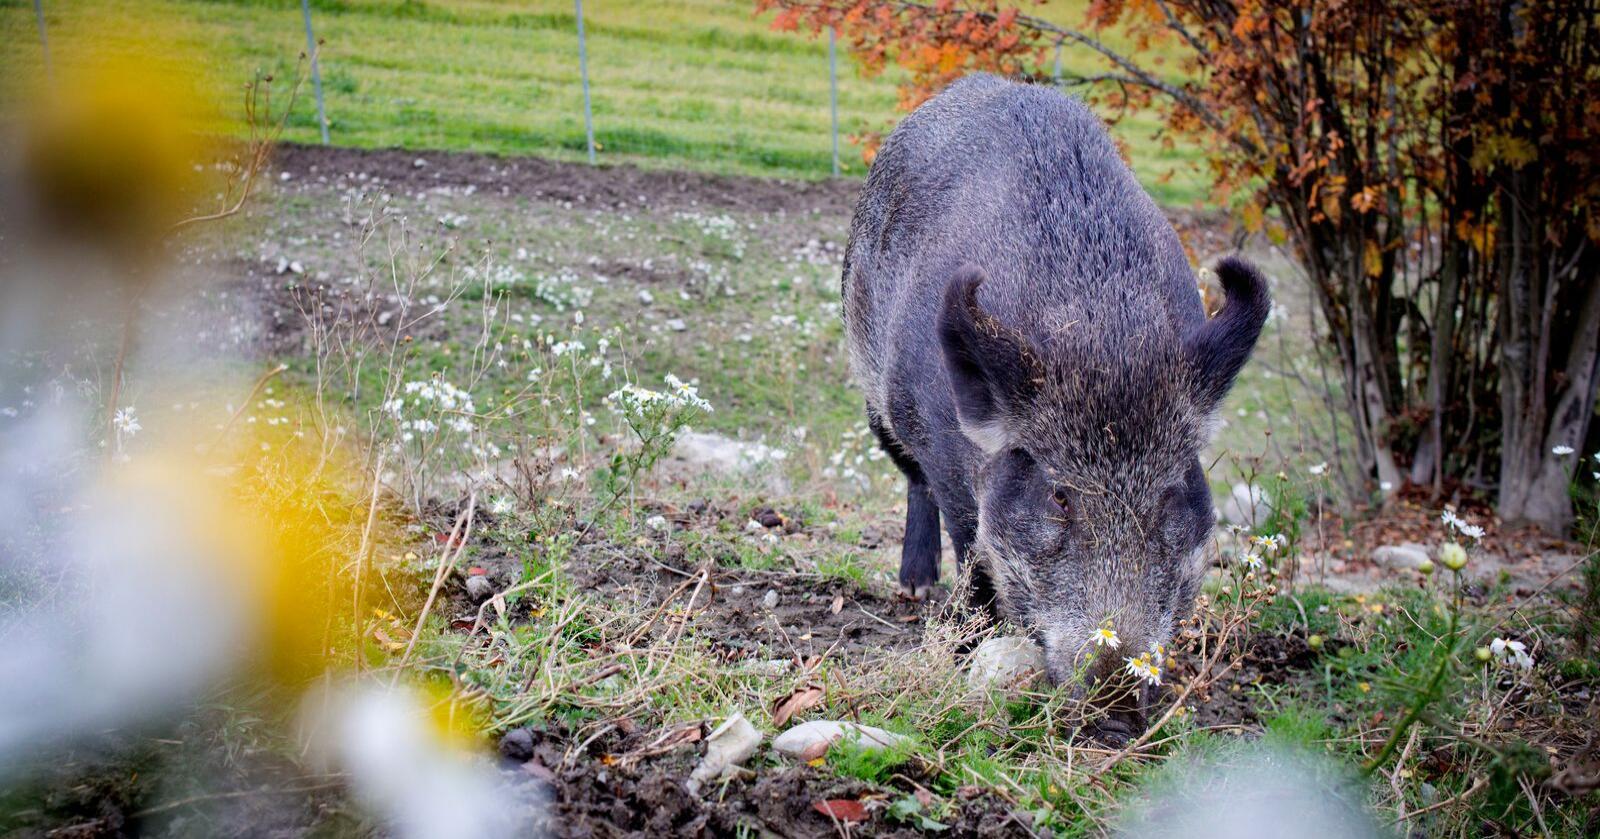 Villsvinfeller skal settes ut ved Glomma i sommer. Foto: Kyrre Lien / NTB scanpix